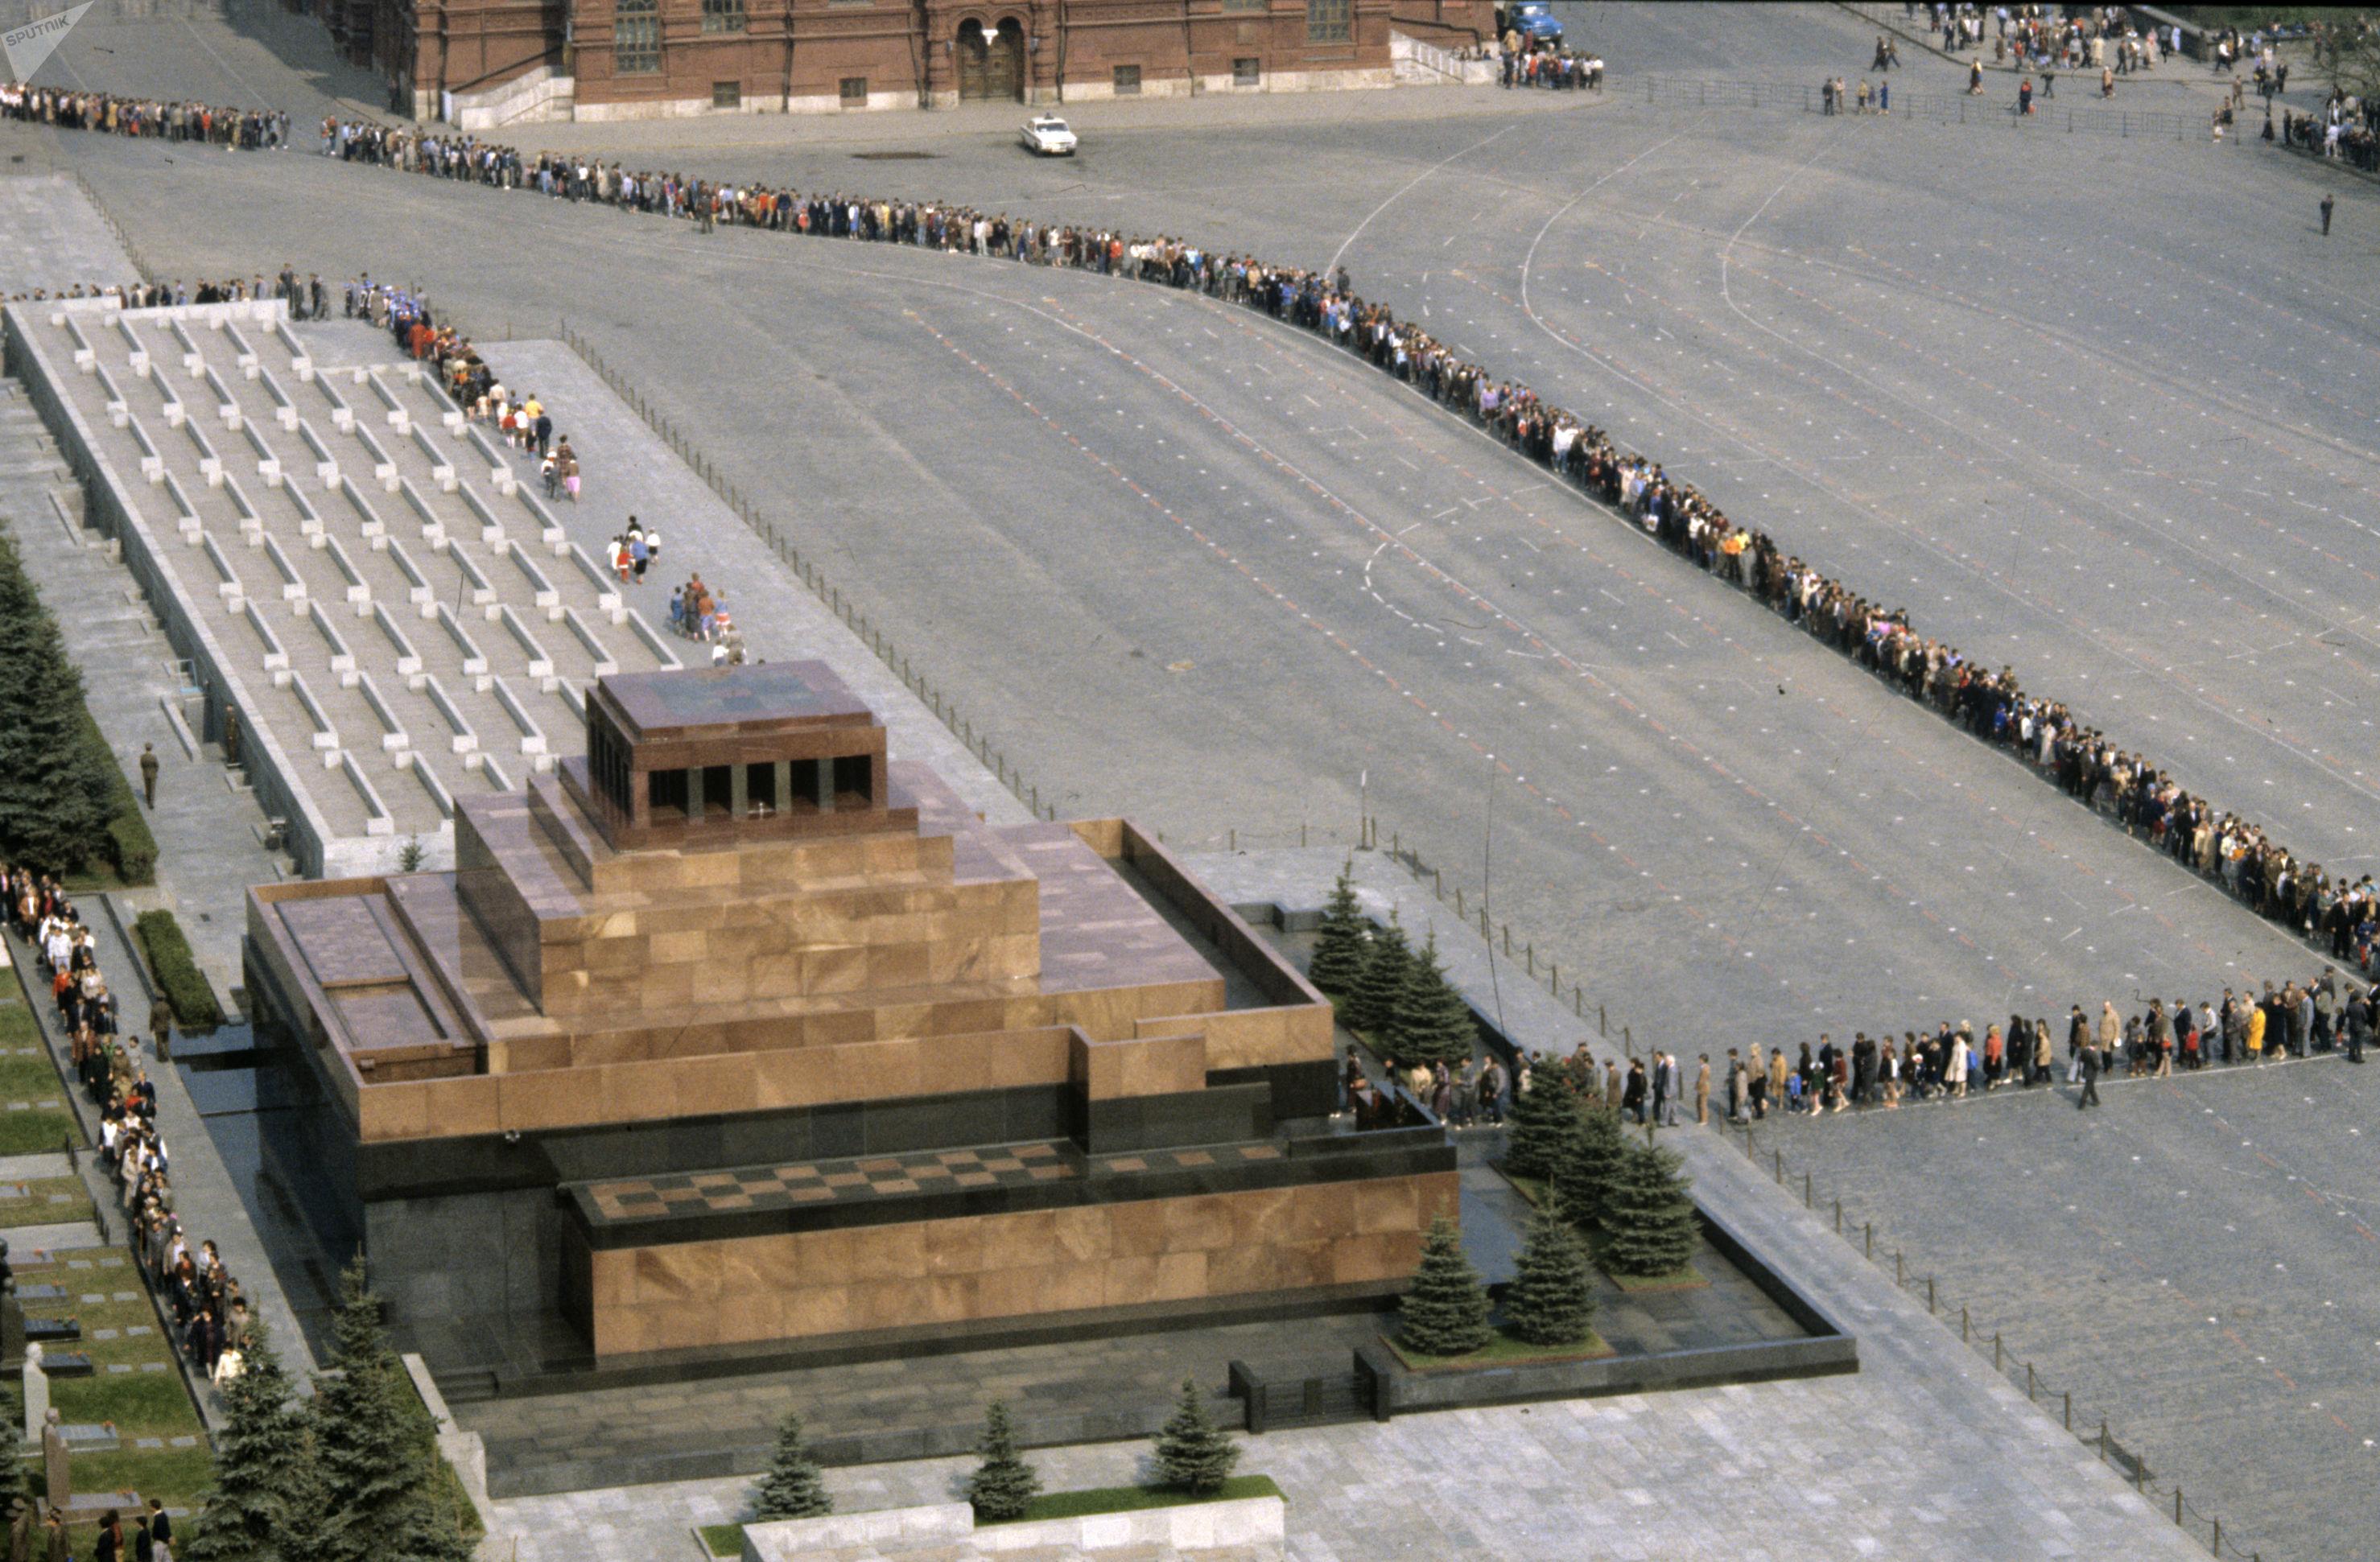 Los visitantes esperan en una larga fila en la Plaza Roja para acudir al mausoleo de Lenin, en 1987